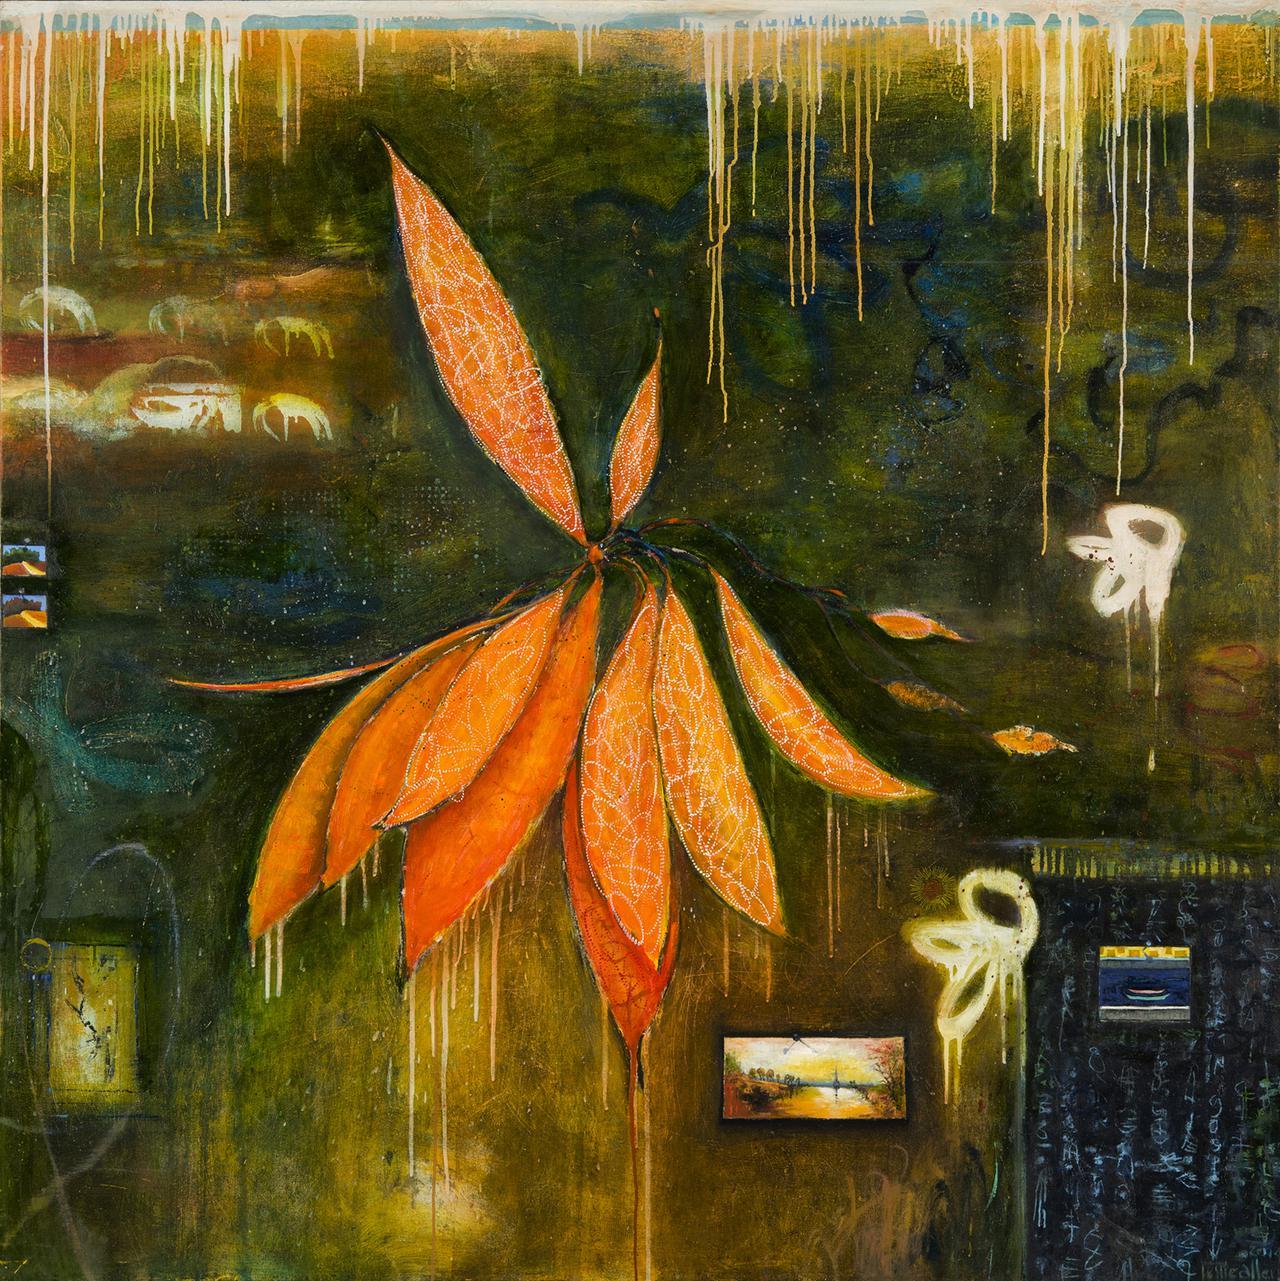 Allen.Leslie Bead Flower With Turner & Avery.jpg